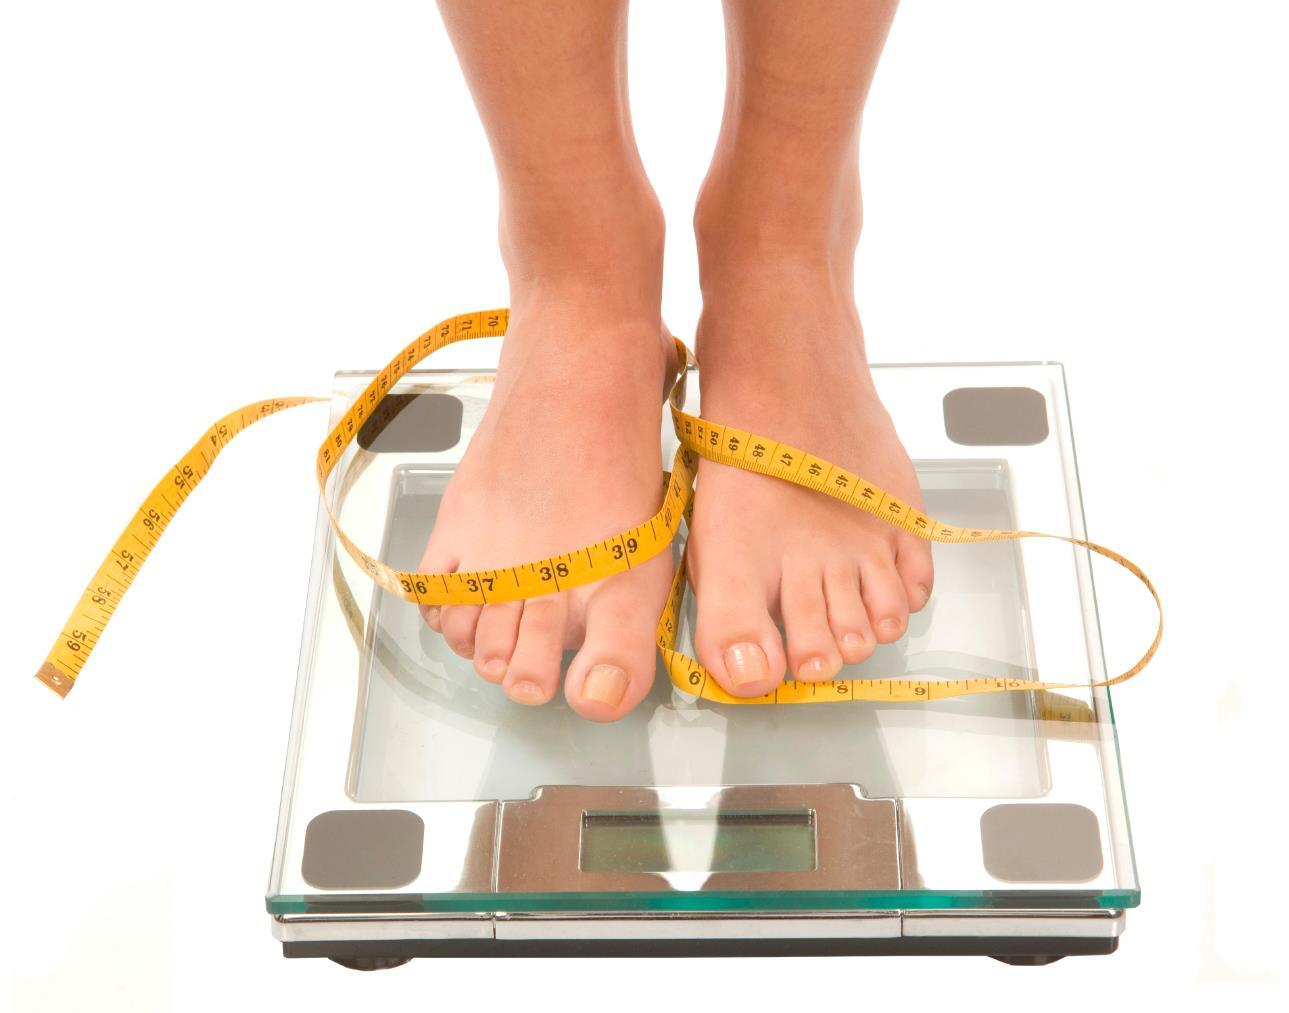 Pierdere în greutate mascul de 22 de ani Flux de scădere în greutate ms